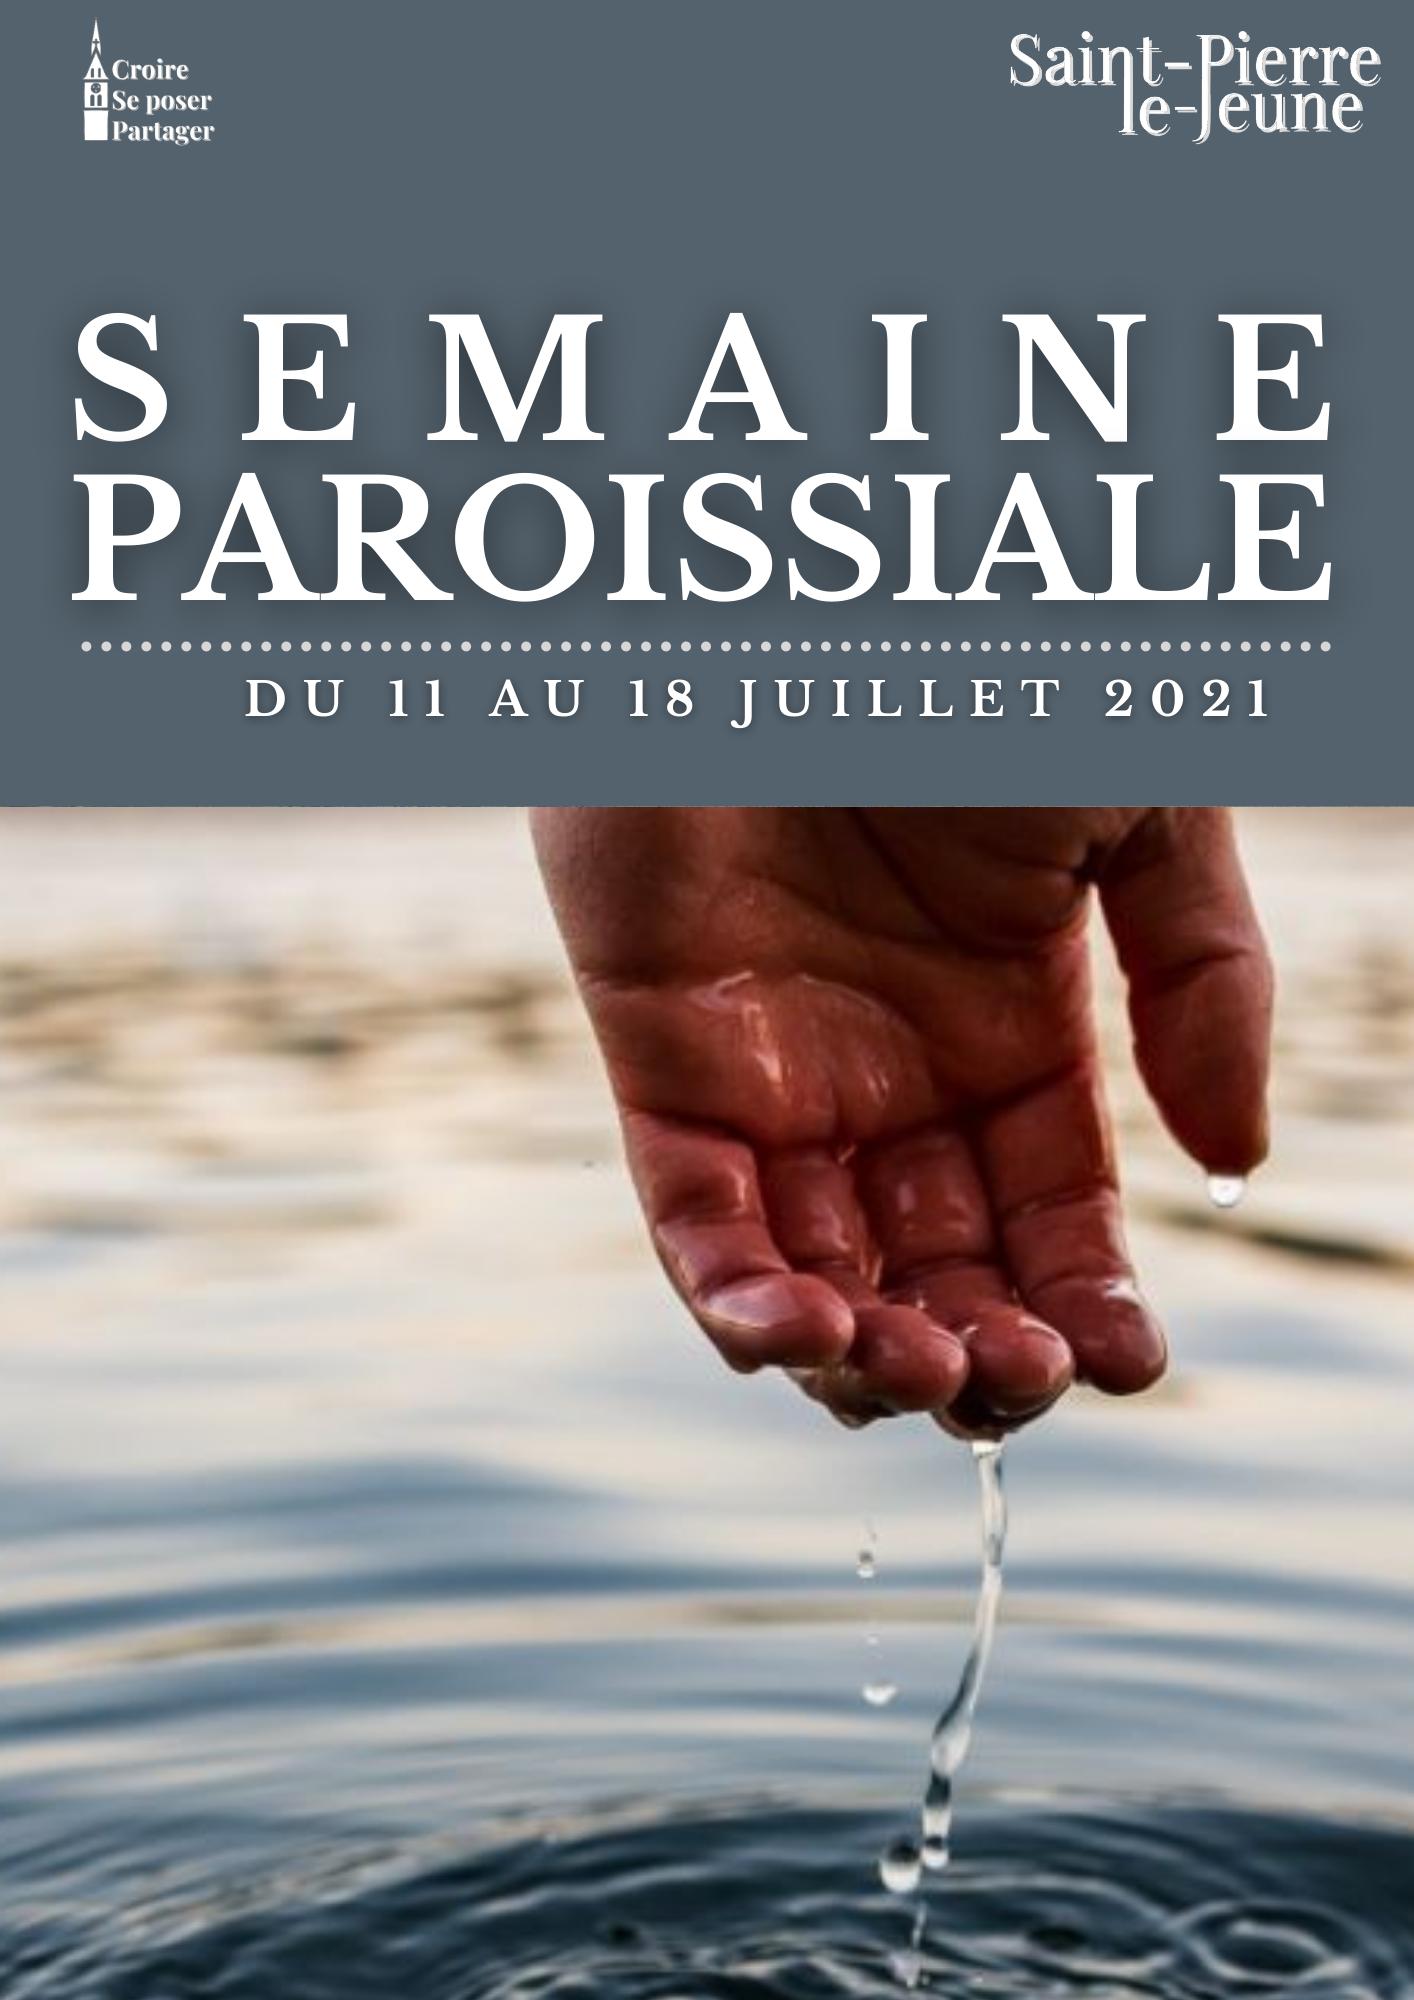 Semaine paroissiale - 11 juillet 2021